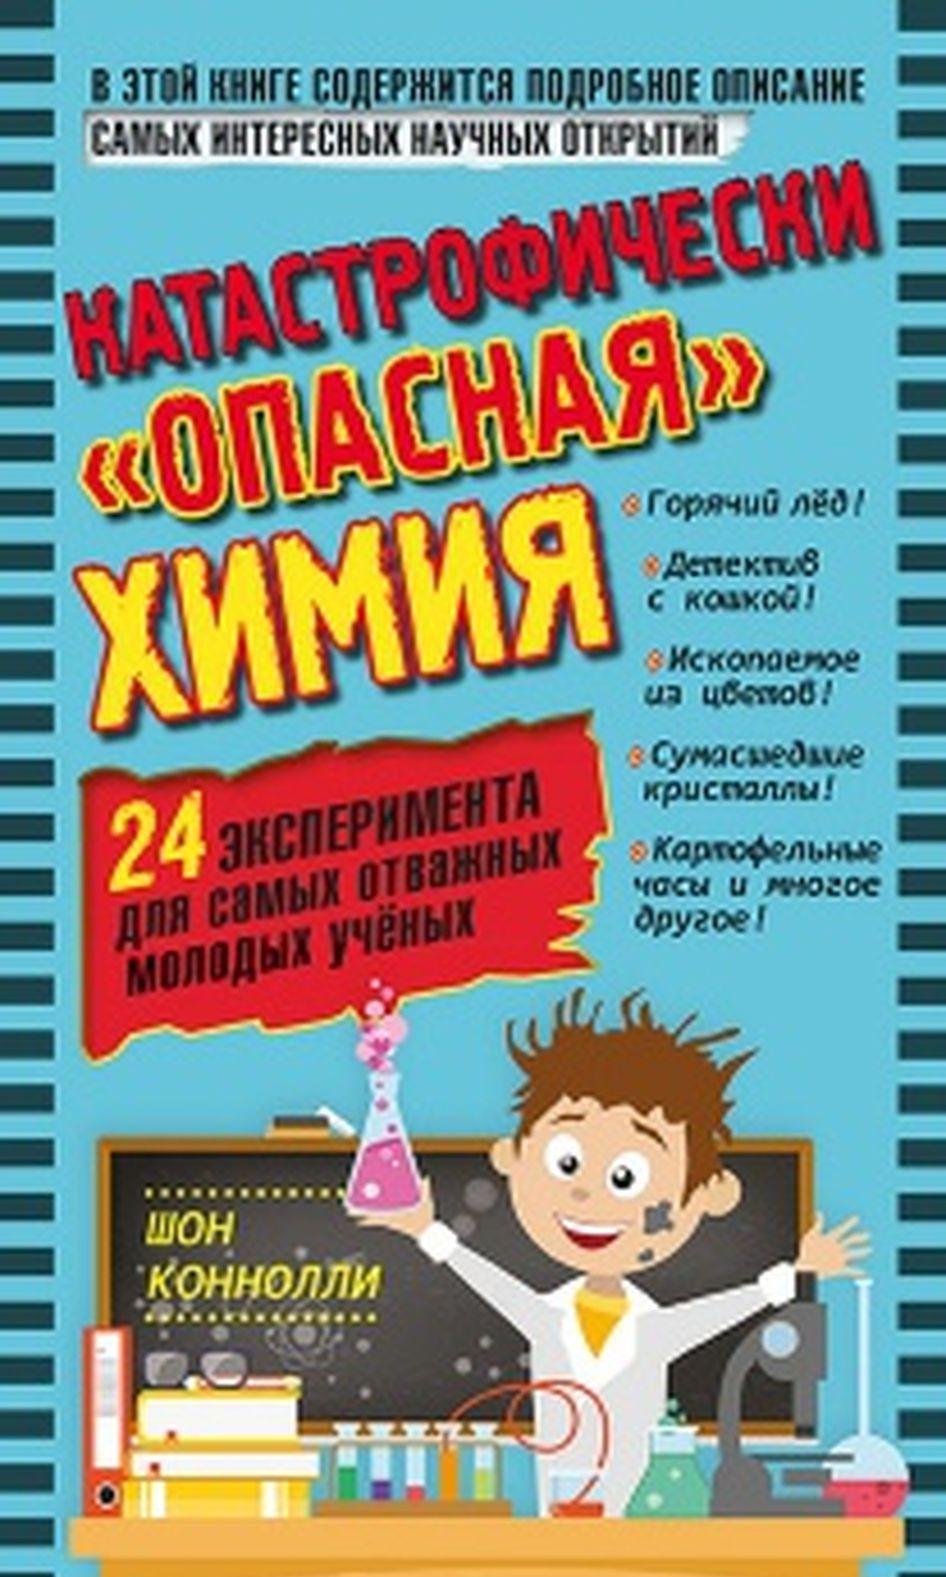 """Katastroficheski """"opasnaja"""" khimija. 24 eksperimenta dlja samykh otvazhnykh molodykh uchenykh"""